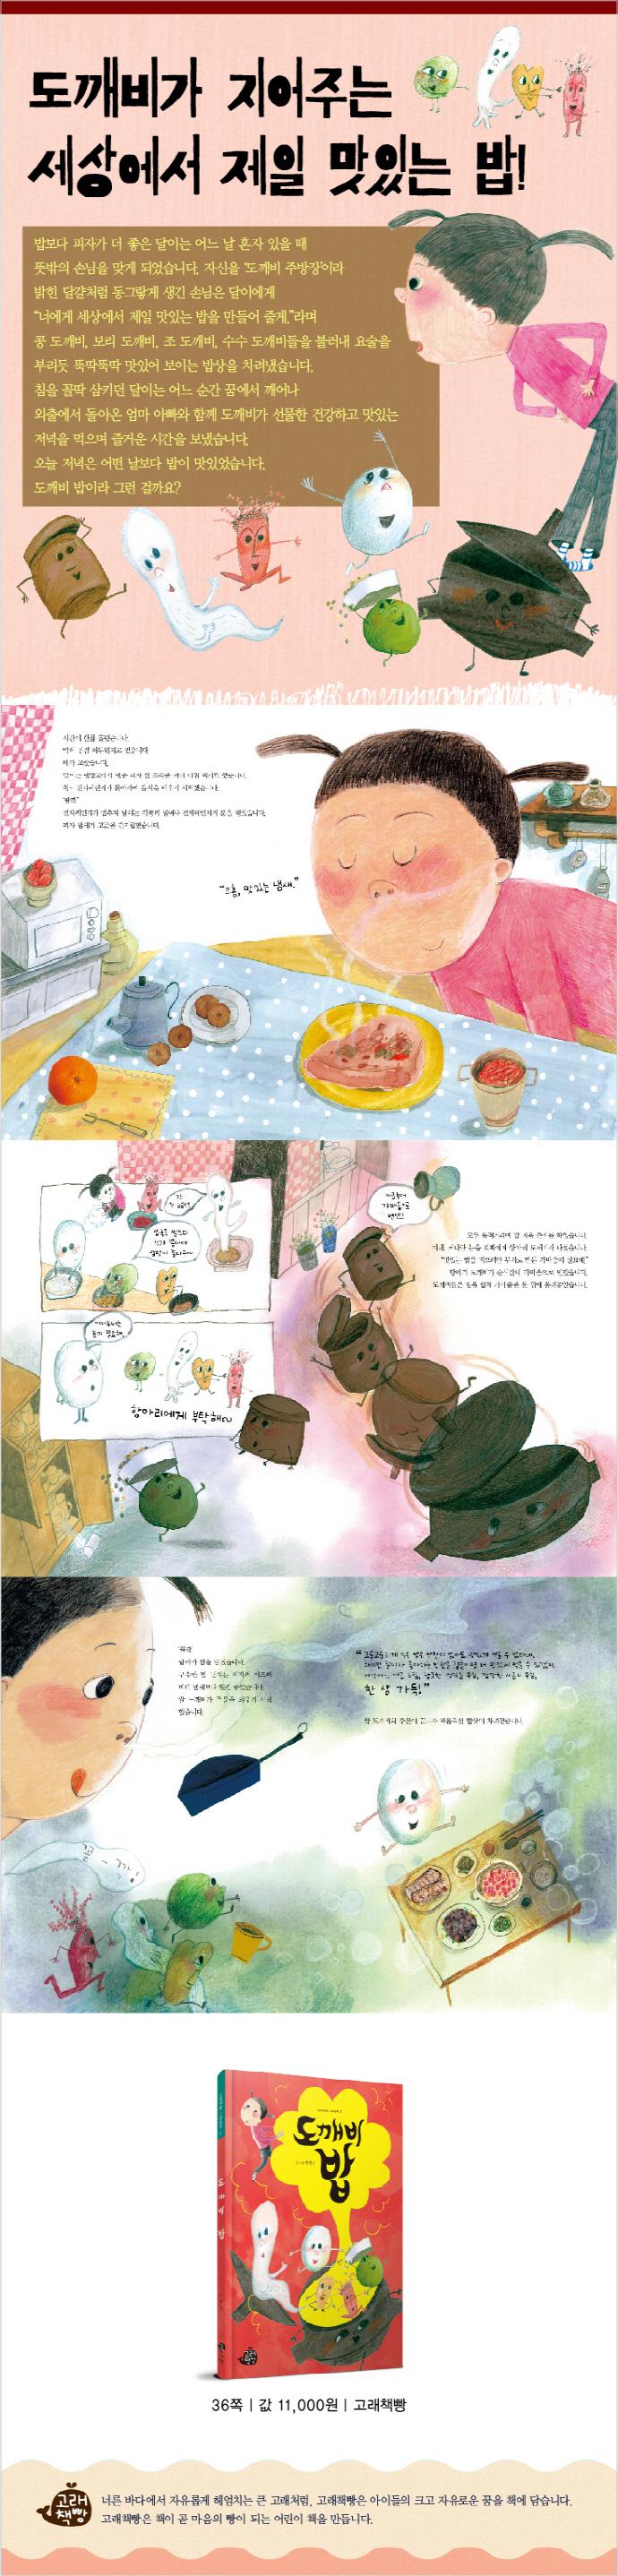 도깨비 밥(고래책빵 그림동화 2)(양장본 HardCover) 도서 상세이미지